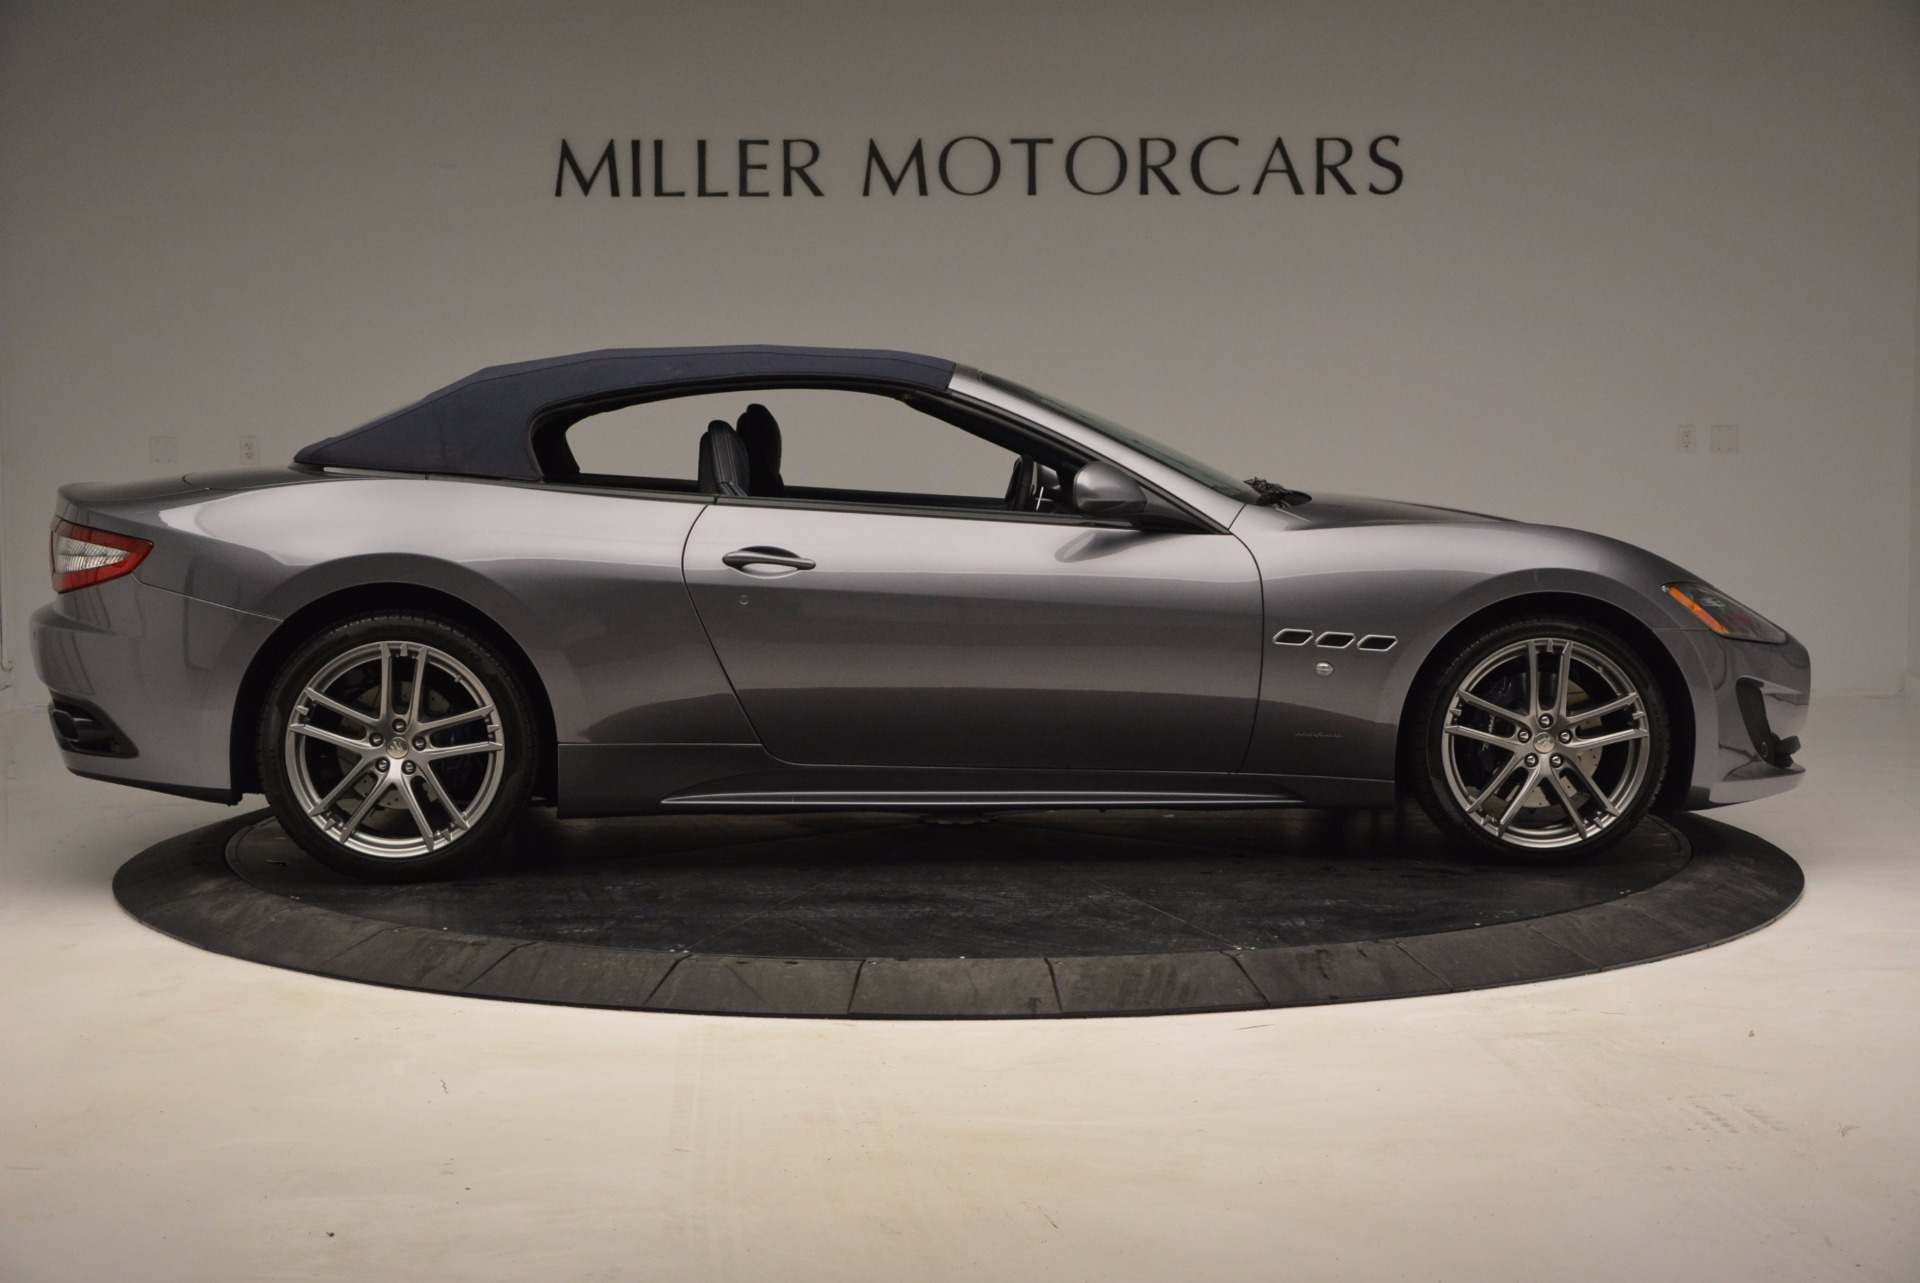 New 2016 Maserati GranTurismo Convertible Sport For Sale In Greenwich, CT 154_p14